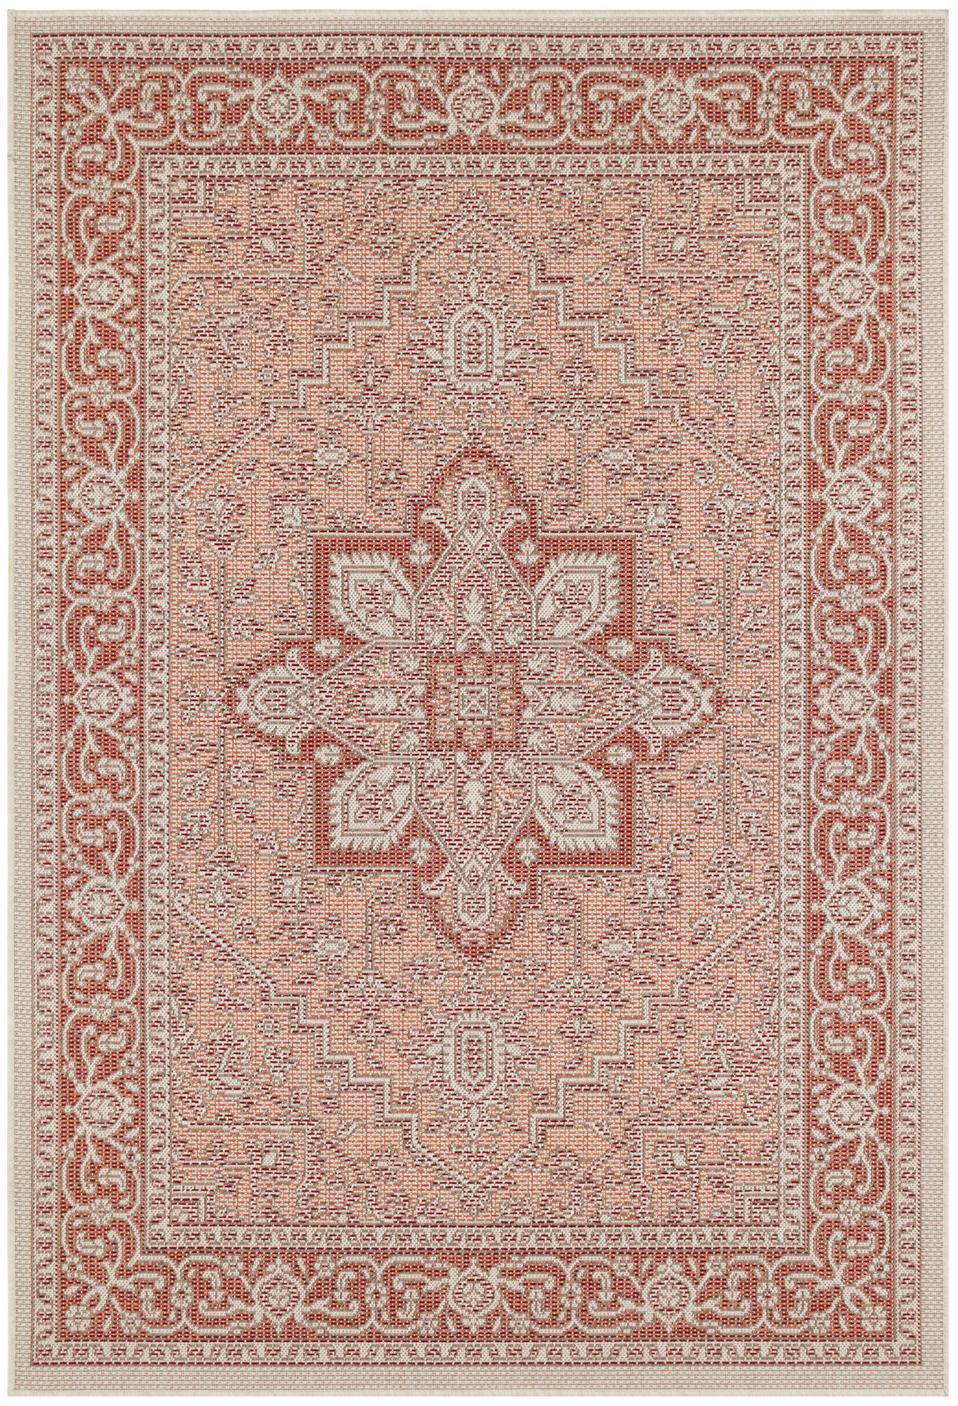 In- & Outdoor-Teppich Anjara im Vintage Style, 100% Polypropylen, Terrakottarot, Beige, B 140 x L 200 cm (Größe S)